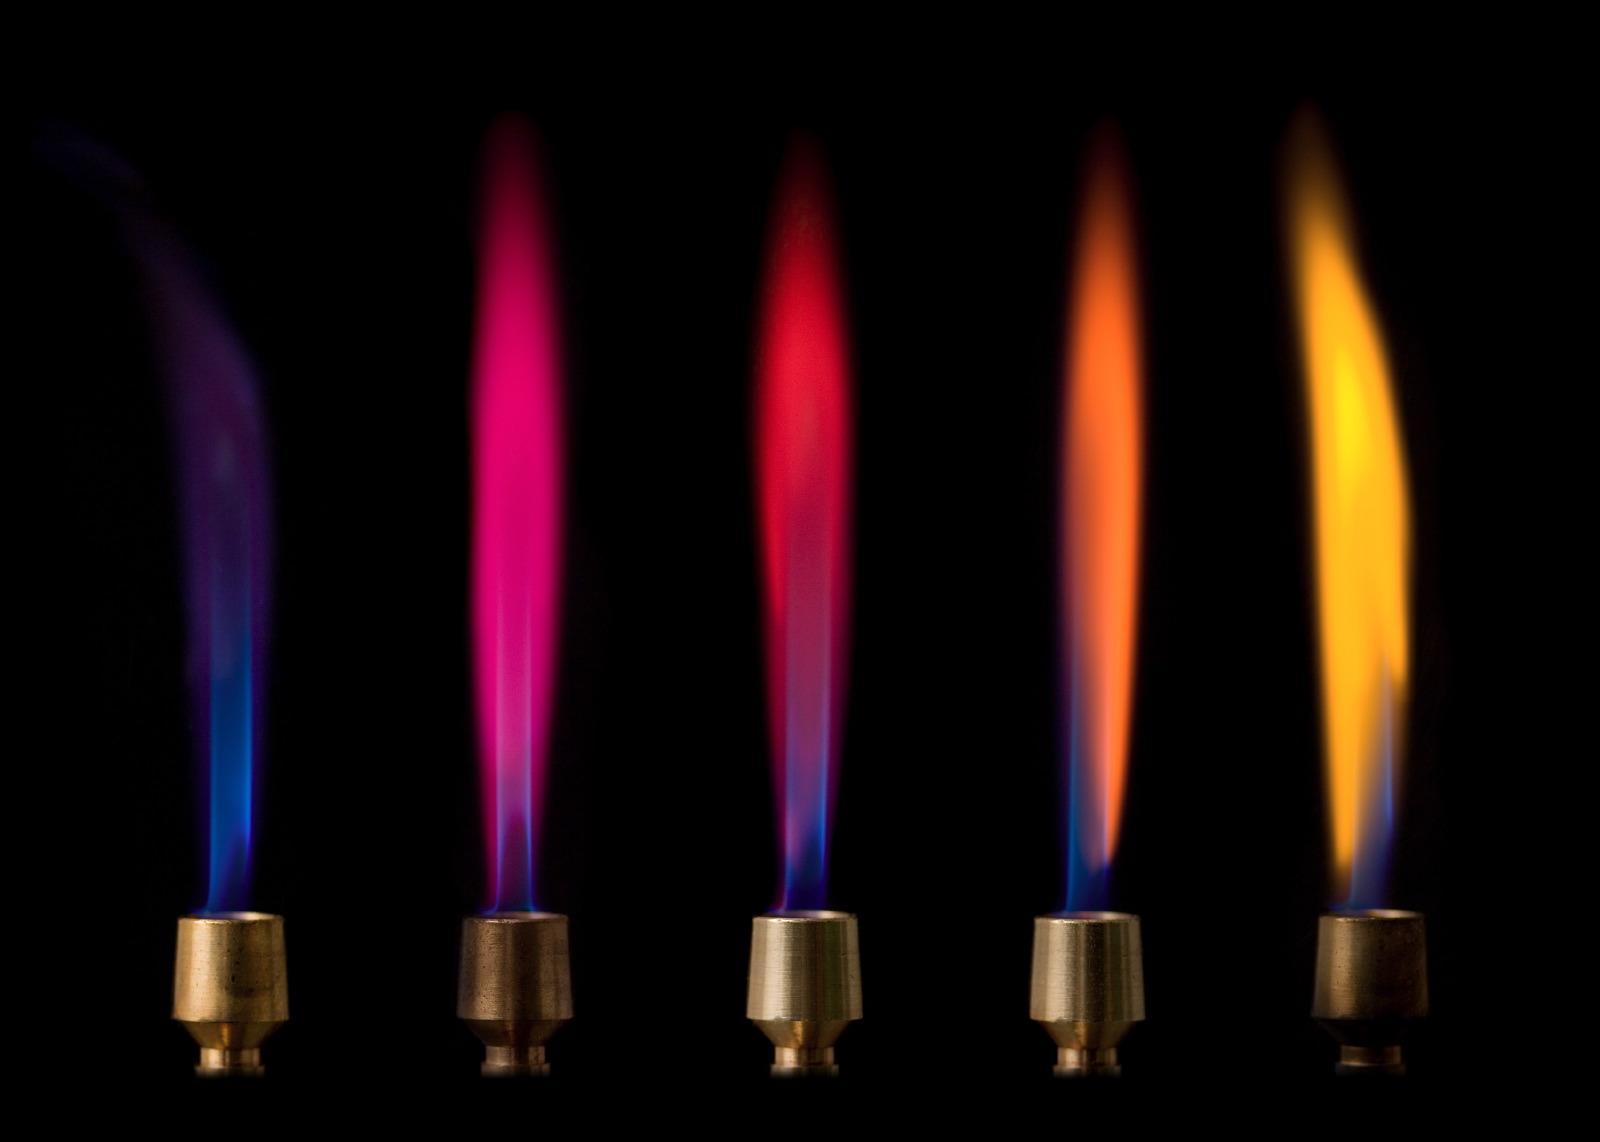 4 metals flames